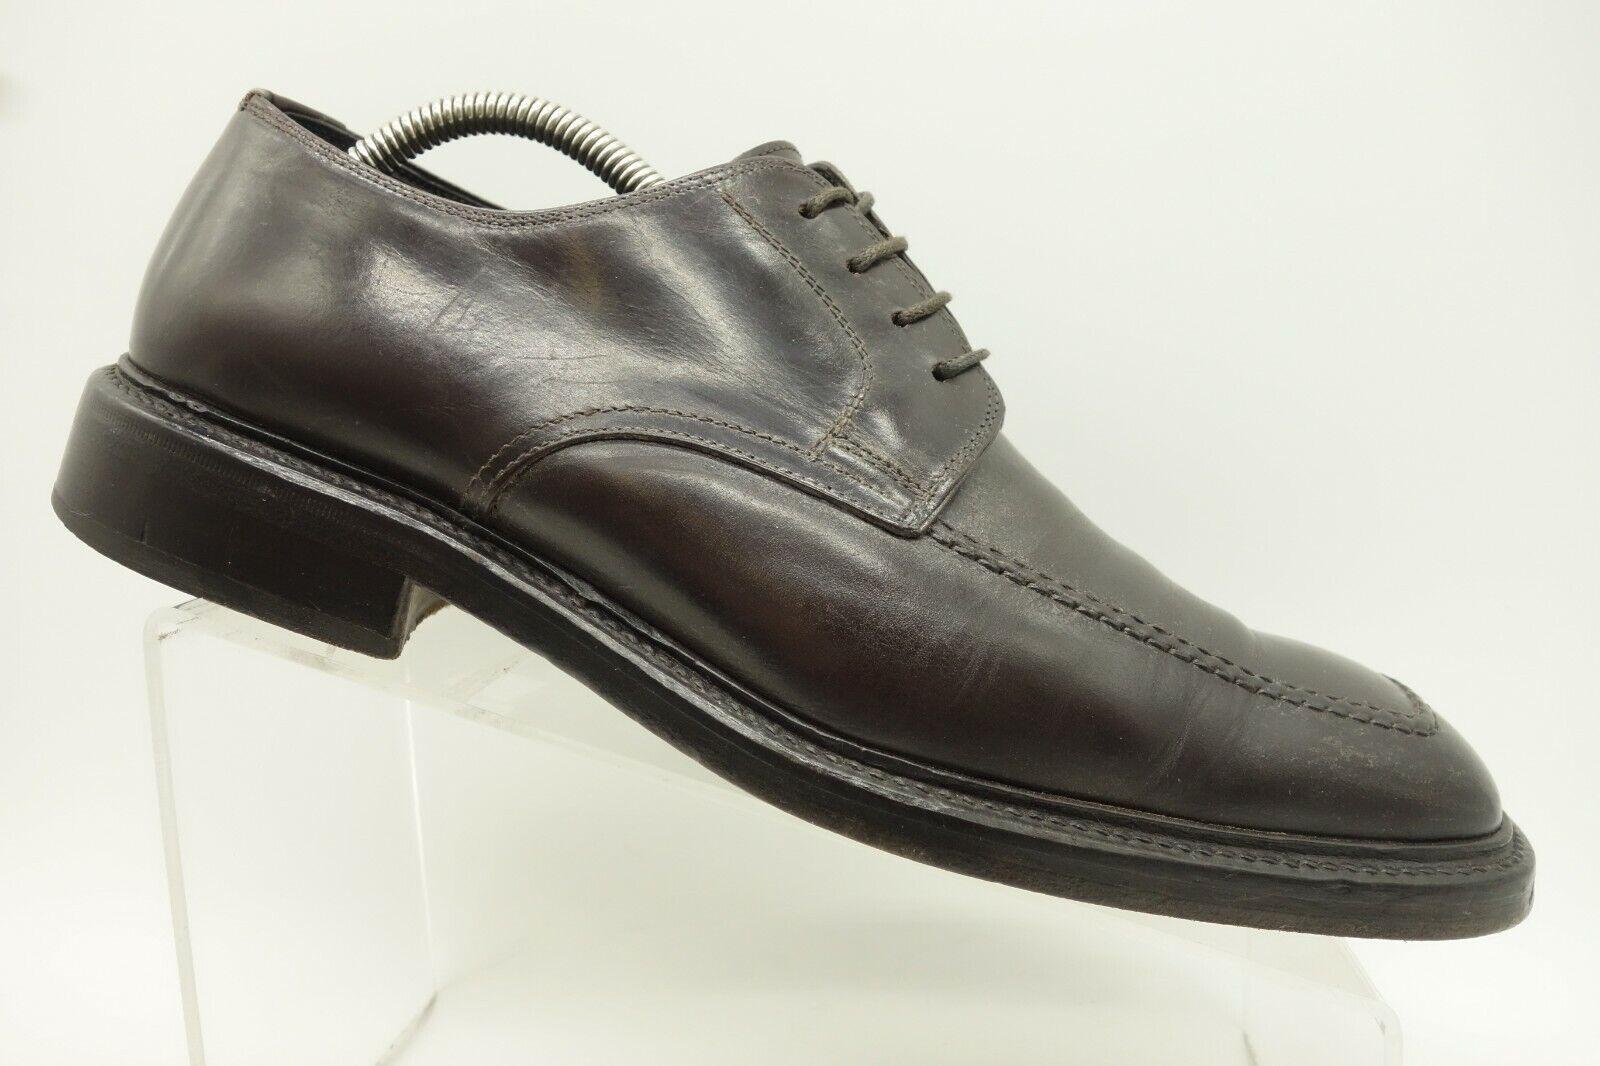 presentando tutte le ultime tendenze della moda To avvio New York  Marrone Leather Leather Leather Dress Casual Oxford scarpe Uomo 10.5  risparmia fino al 70% di sconto